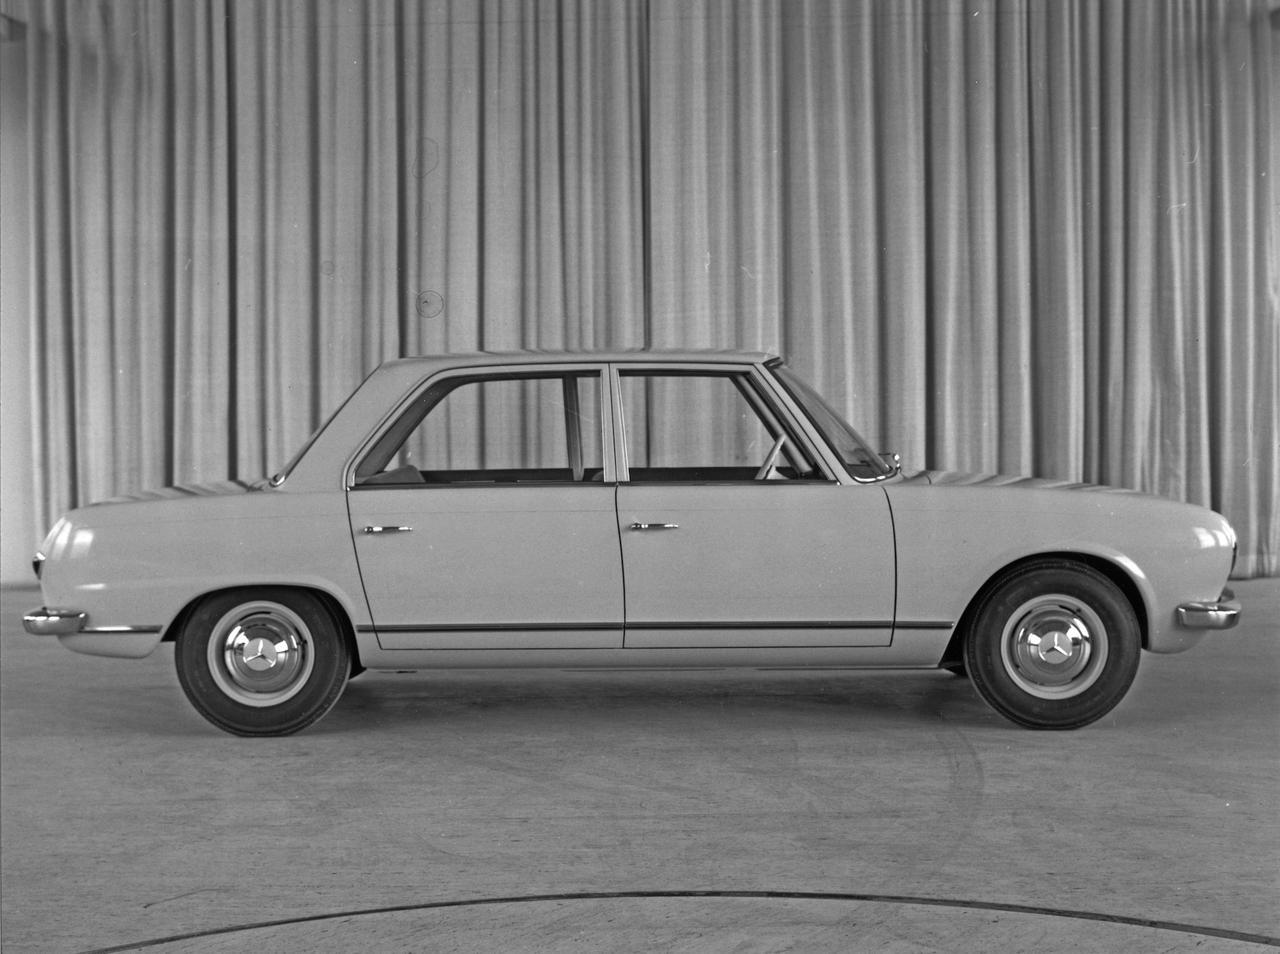 Images : 2番目の画像 - ベンツ小型車の歴史 5 - Webモーターマガジン